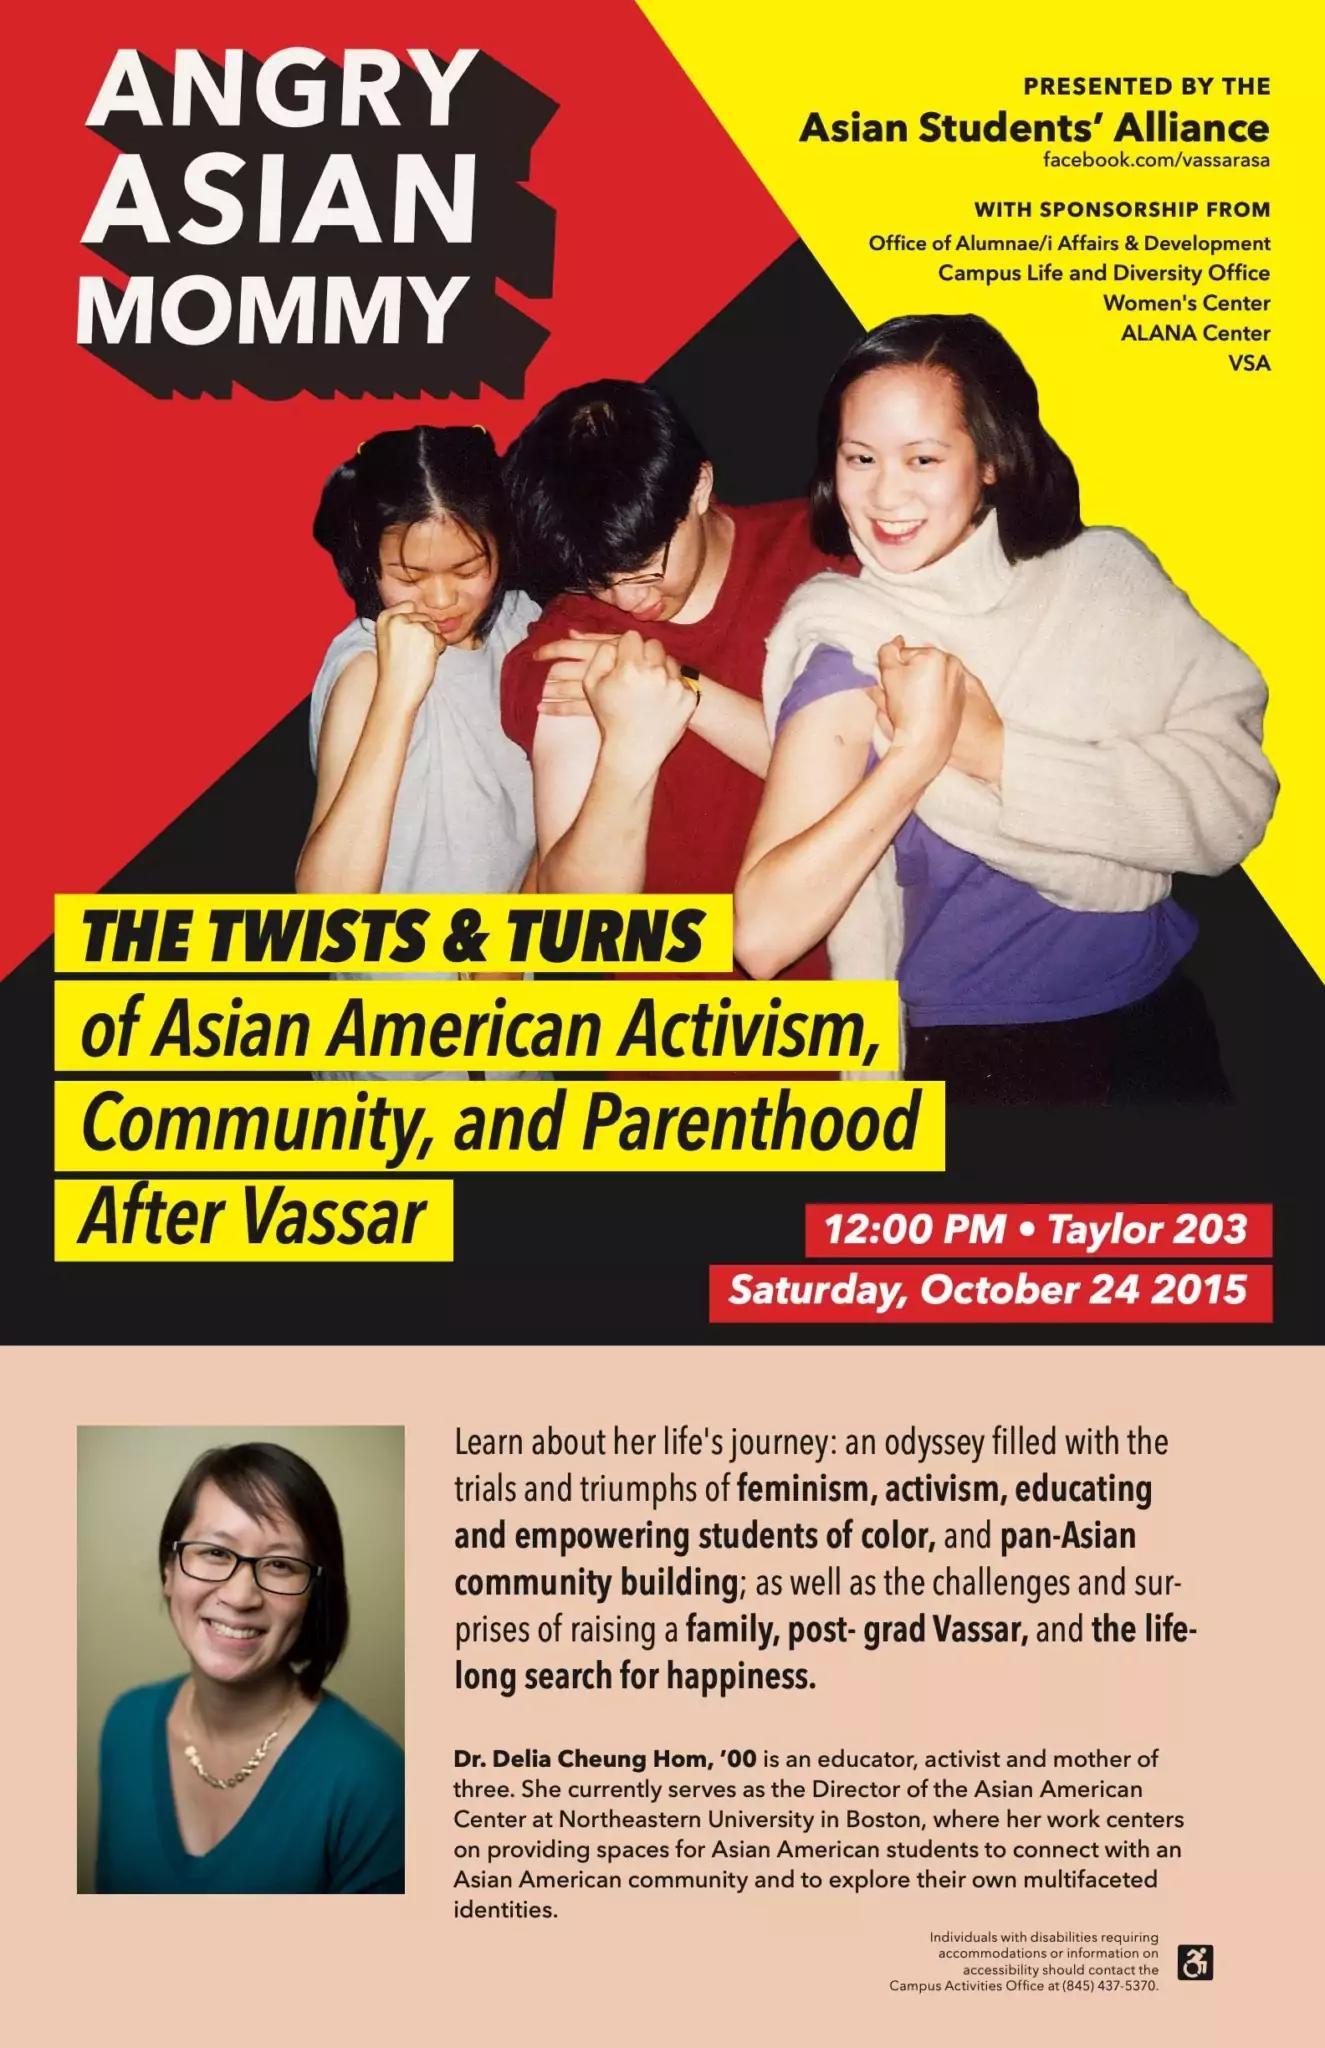 Asian Students' Alliance